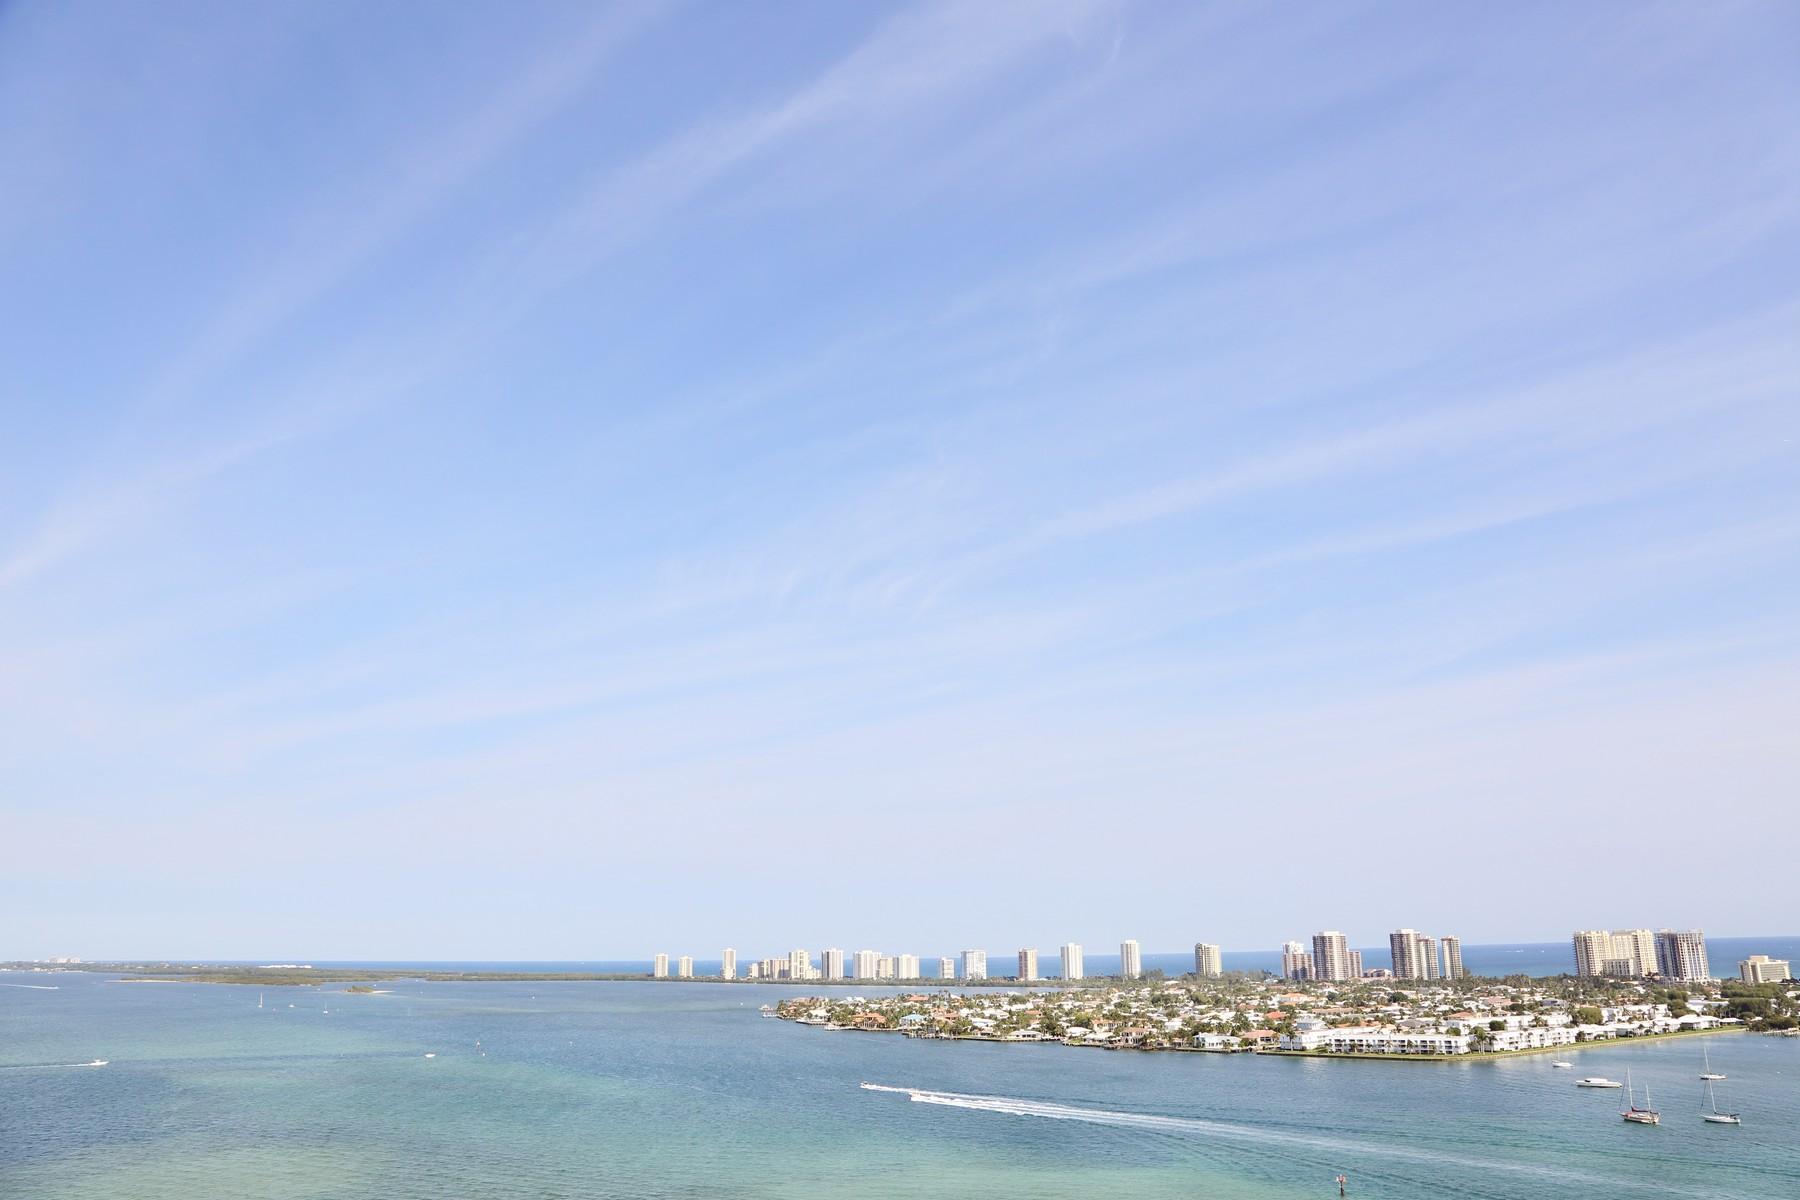 Propiedad en alquiler Riviera Beach